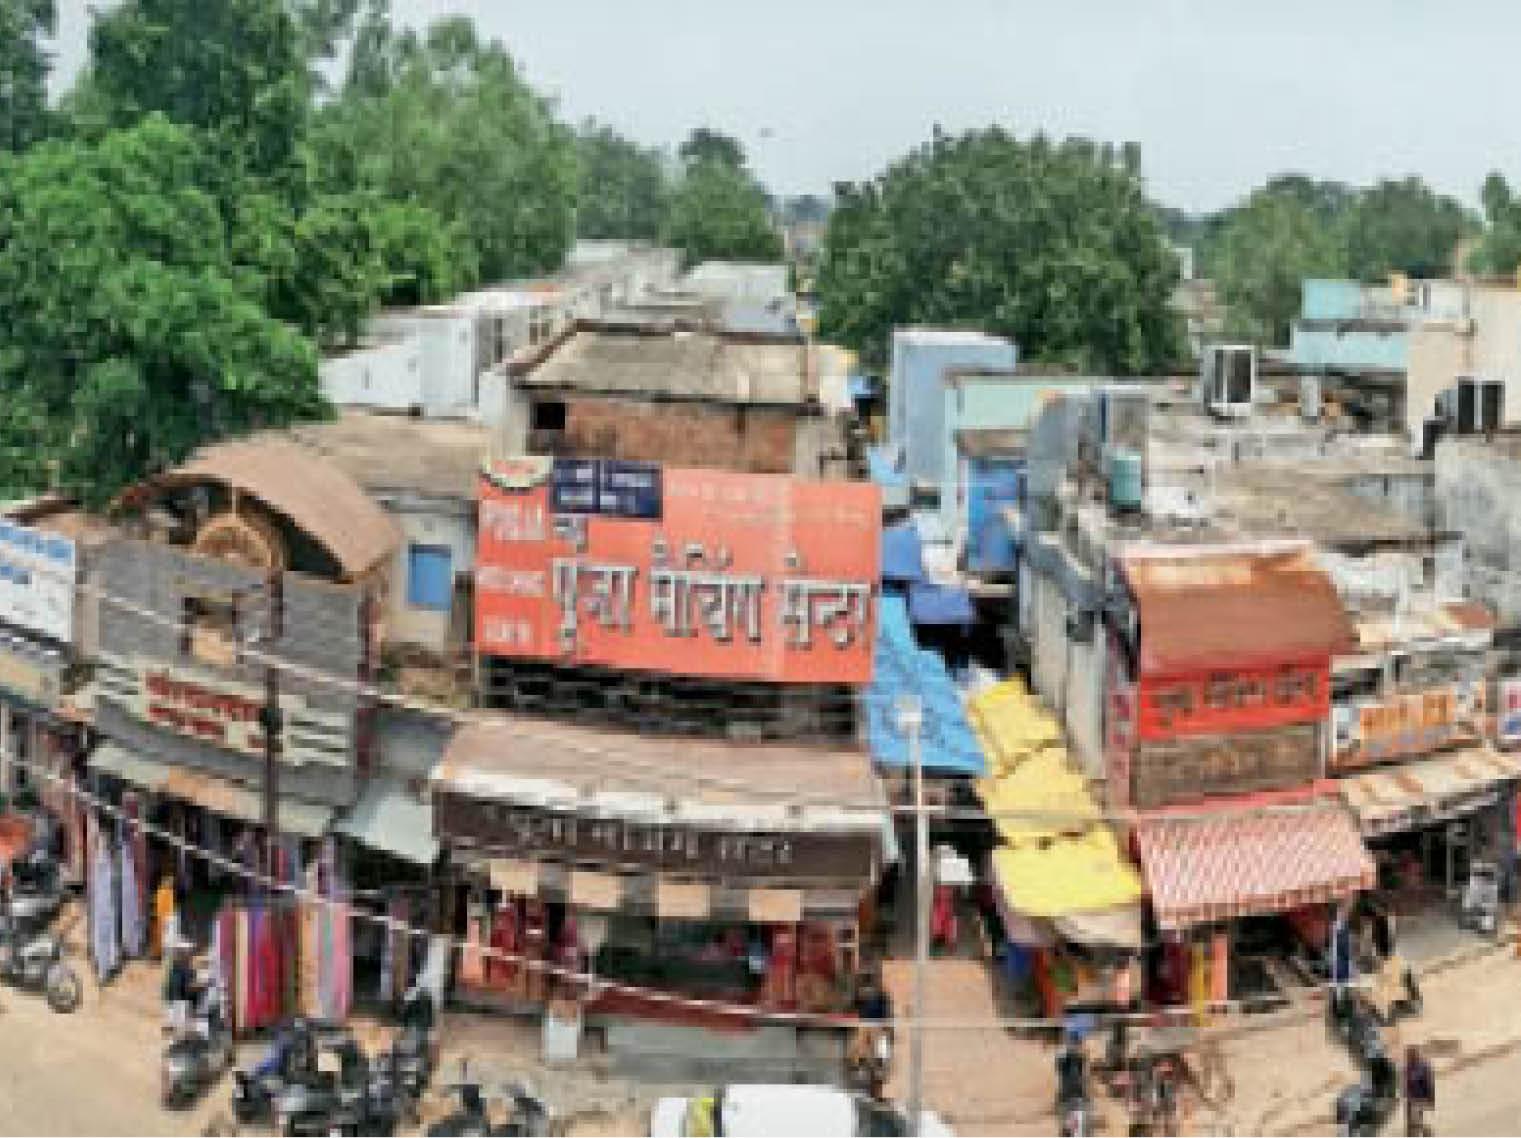 शनिचरी स्थित भक्त कंवरराम मार्केट, जहां पर अवैध निर्माण कर दुकानों को दो मंजिला बना लिया गया है। - Dainik Bhaskar